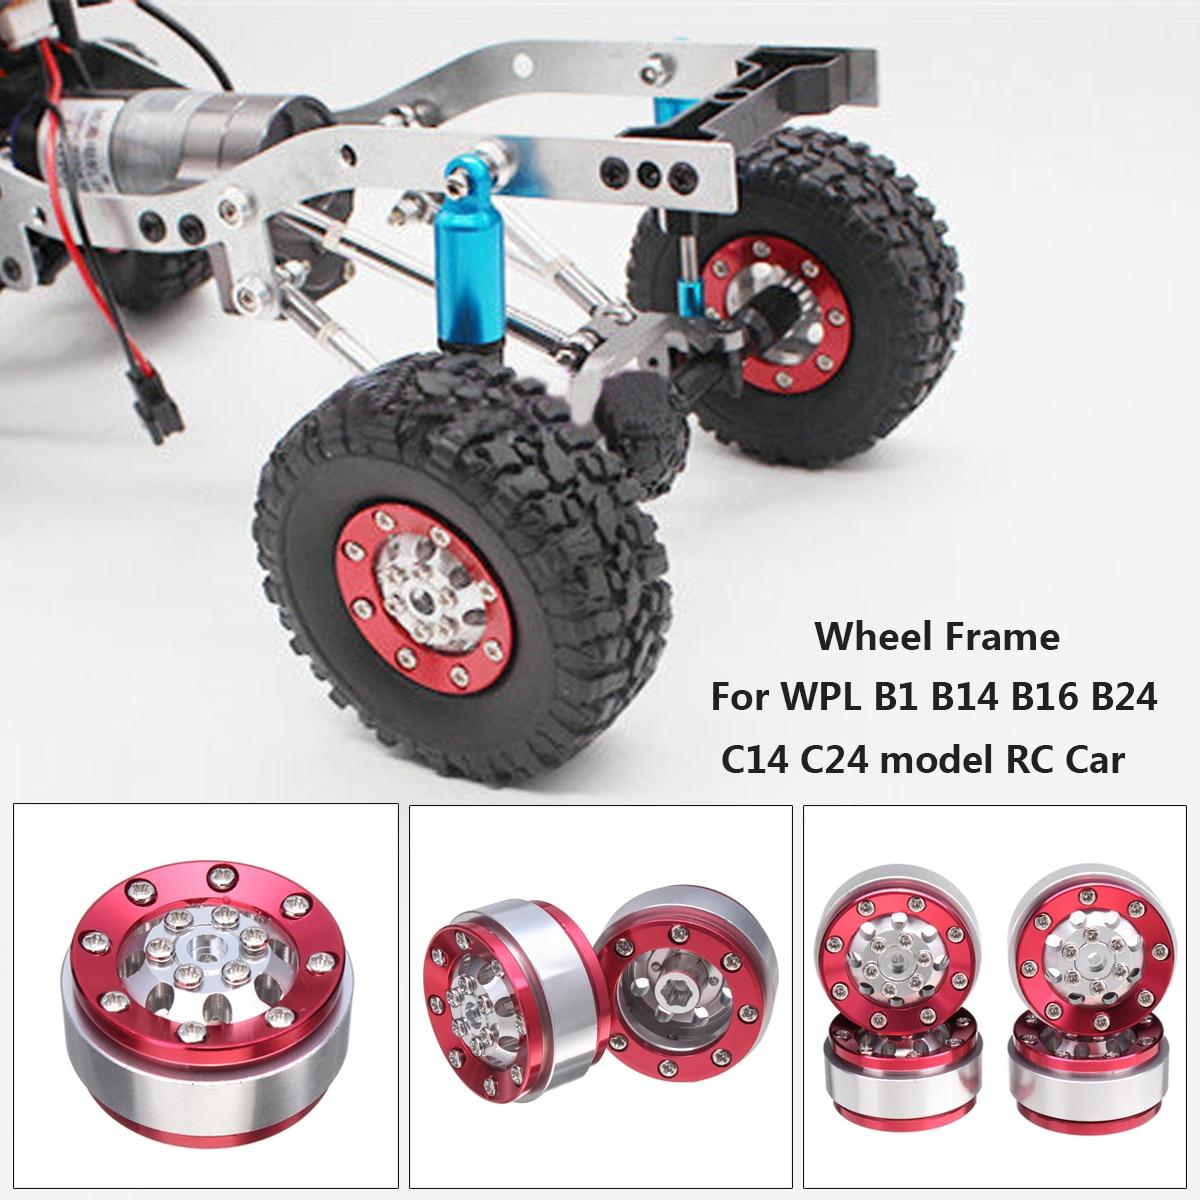 Upgrade Metall Rad Rahmen Ersatzteile Set mit Schrauben Set Für WPL B1 B14 B16 B24 C14 C24 RC Auto silber + Rot Helle Farbe